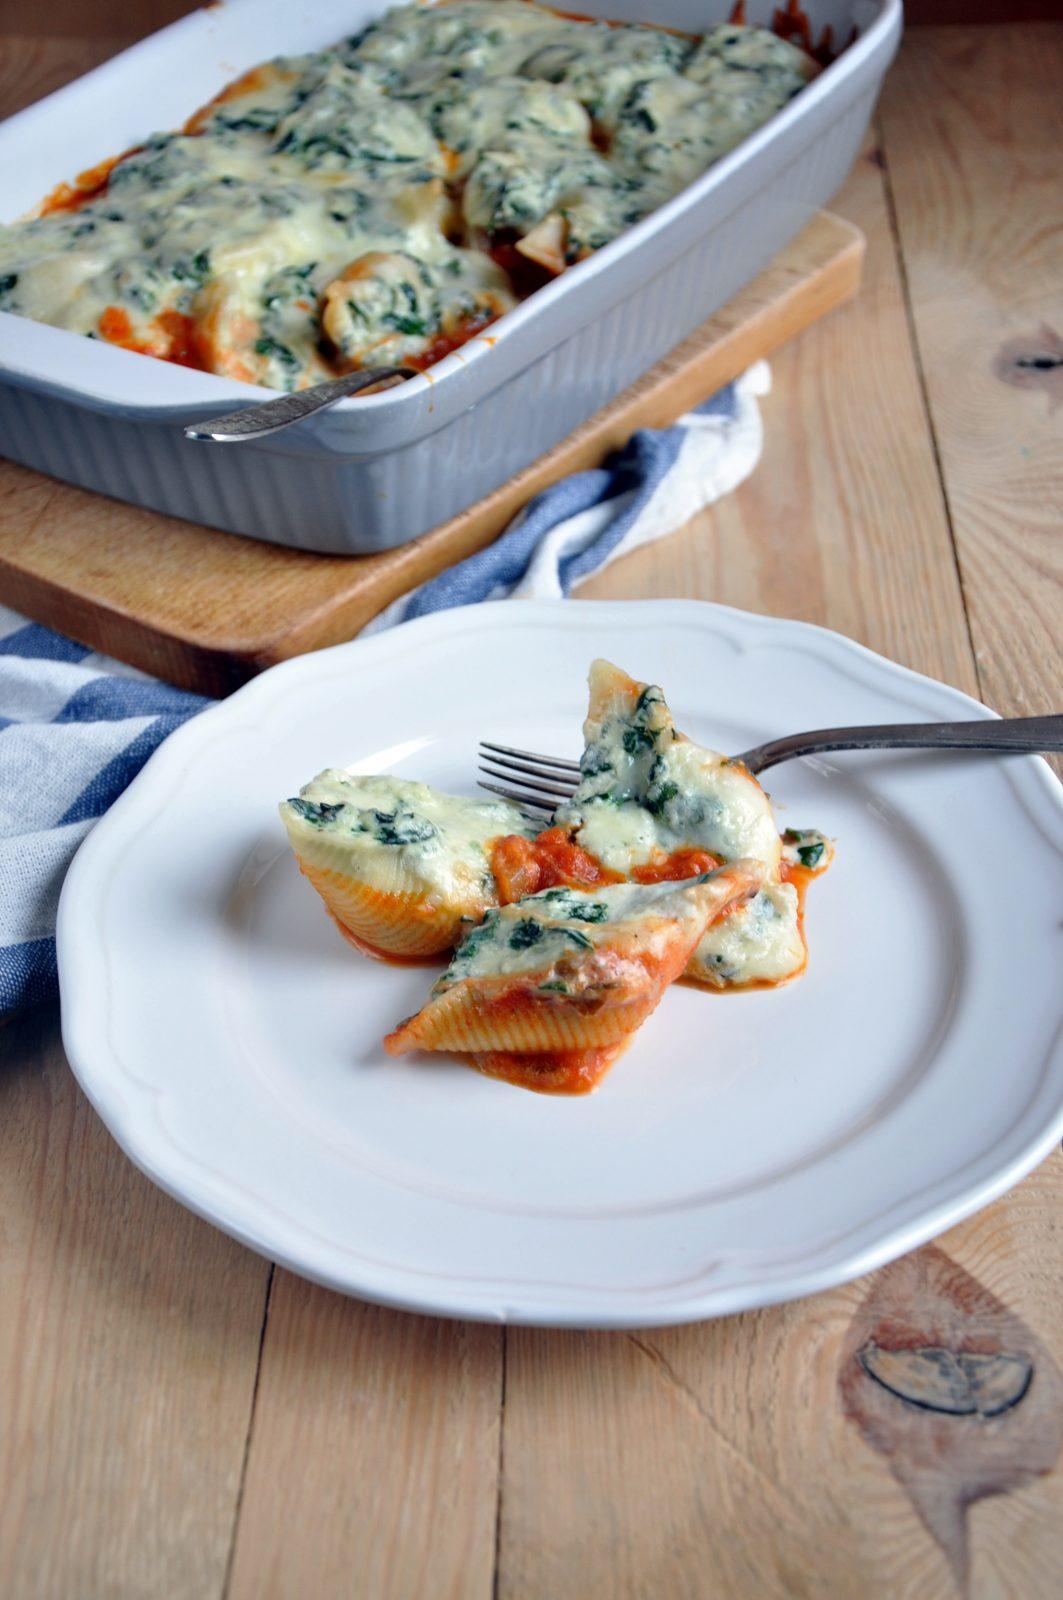 Muszle makaronowe nadziane szpinakiem i serem. Zapieczone w domowym sosie pomidorowym